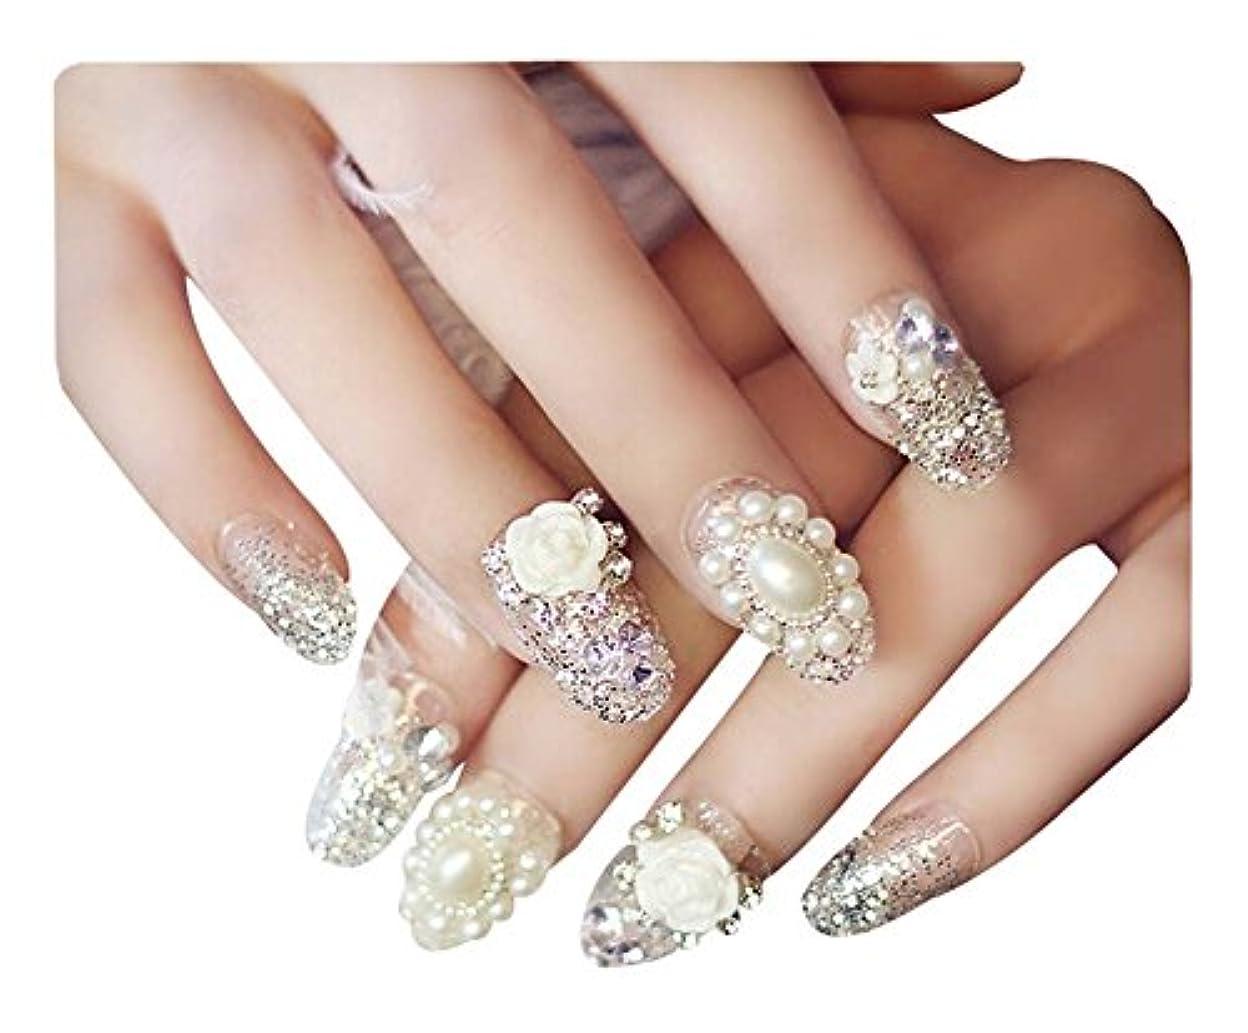 生命体時折代表人工真珠のラインストーンの偽の釘の結婚式の構造のネイルアート、ピンク、2パック - 48枚